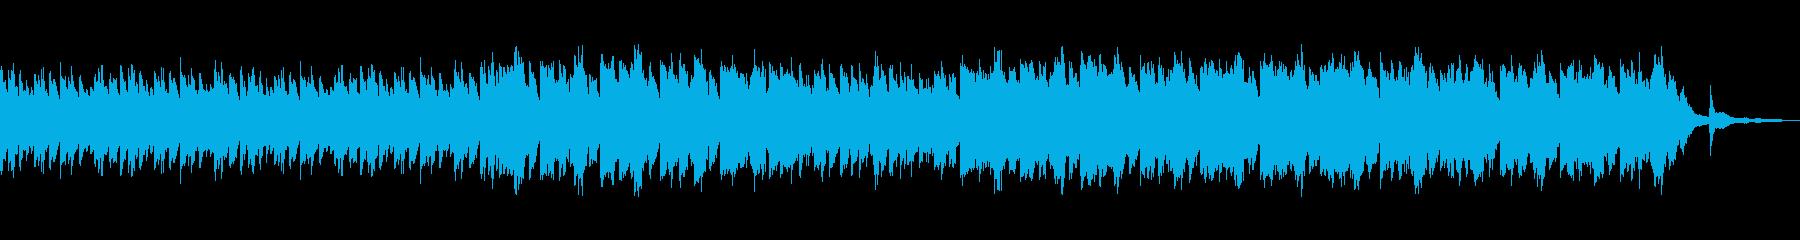 【フル尺】朝焼けイメージのシンプルBGMの再生済みの波形